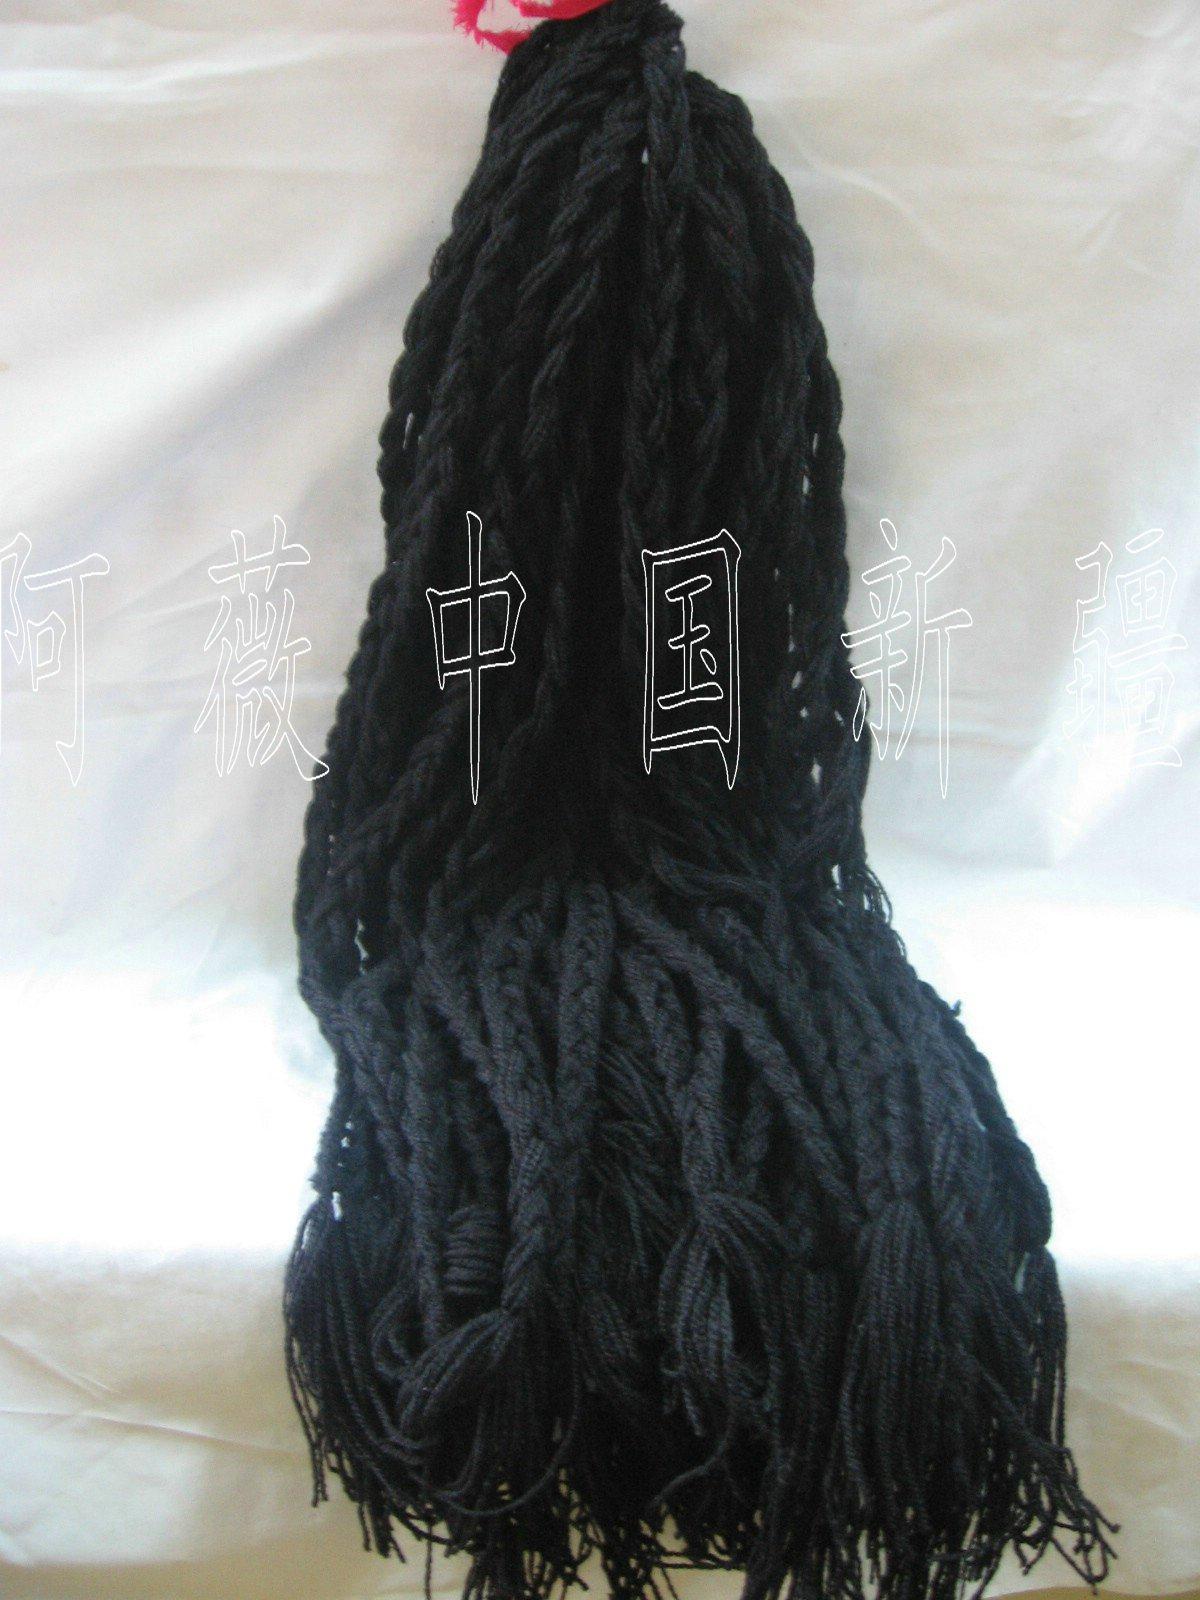 Синьцзян танец коса парик коса народ одежда народ головной убор народ танец моделирование линия коса